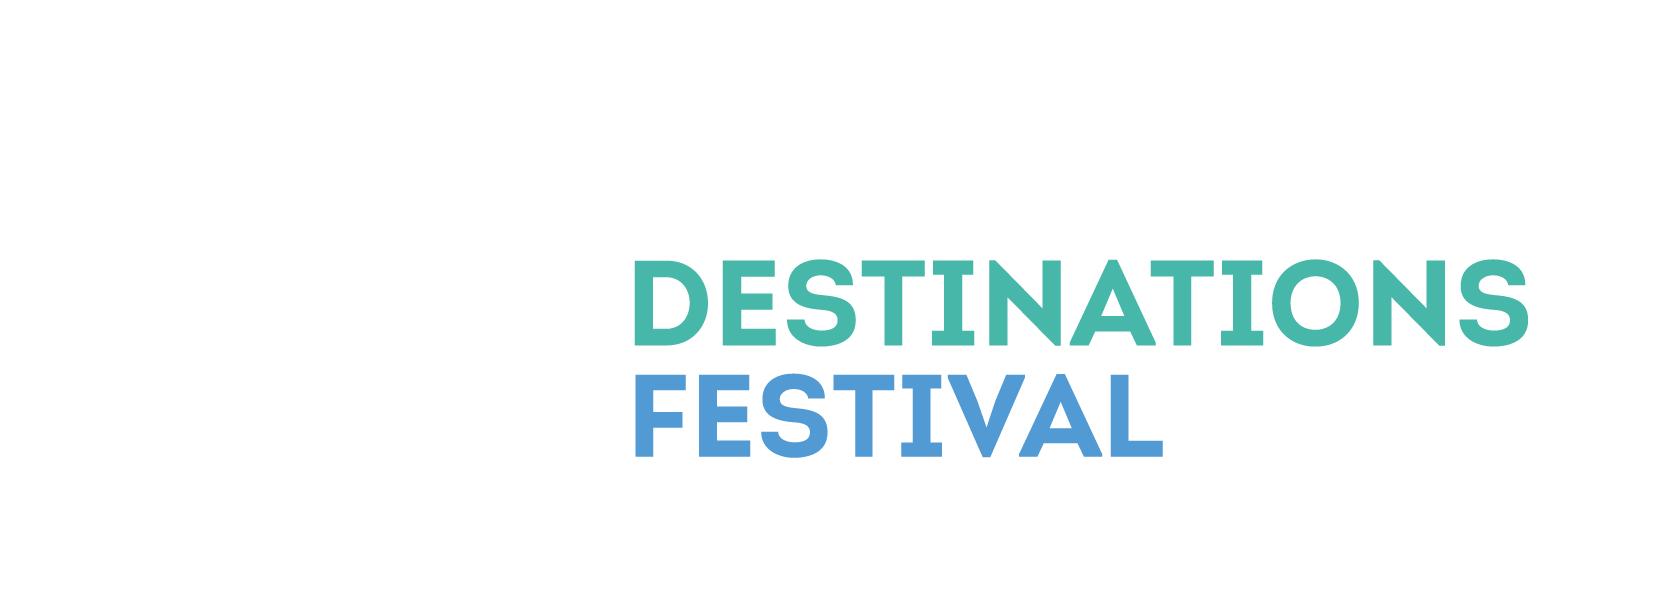 TTG Digital Destinations Festival